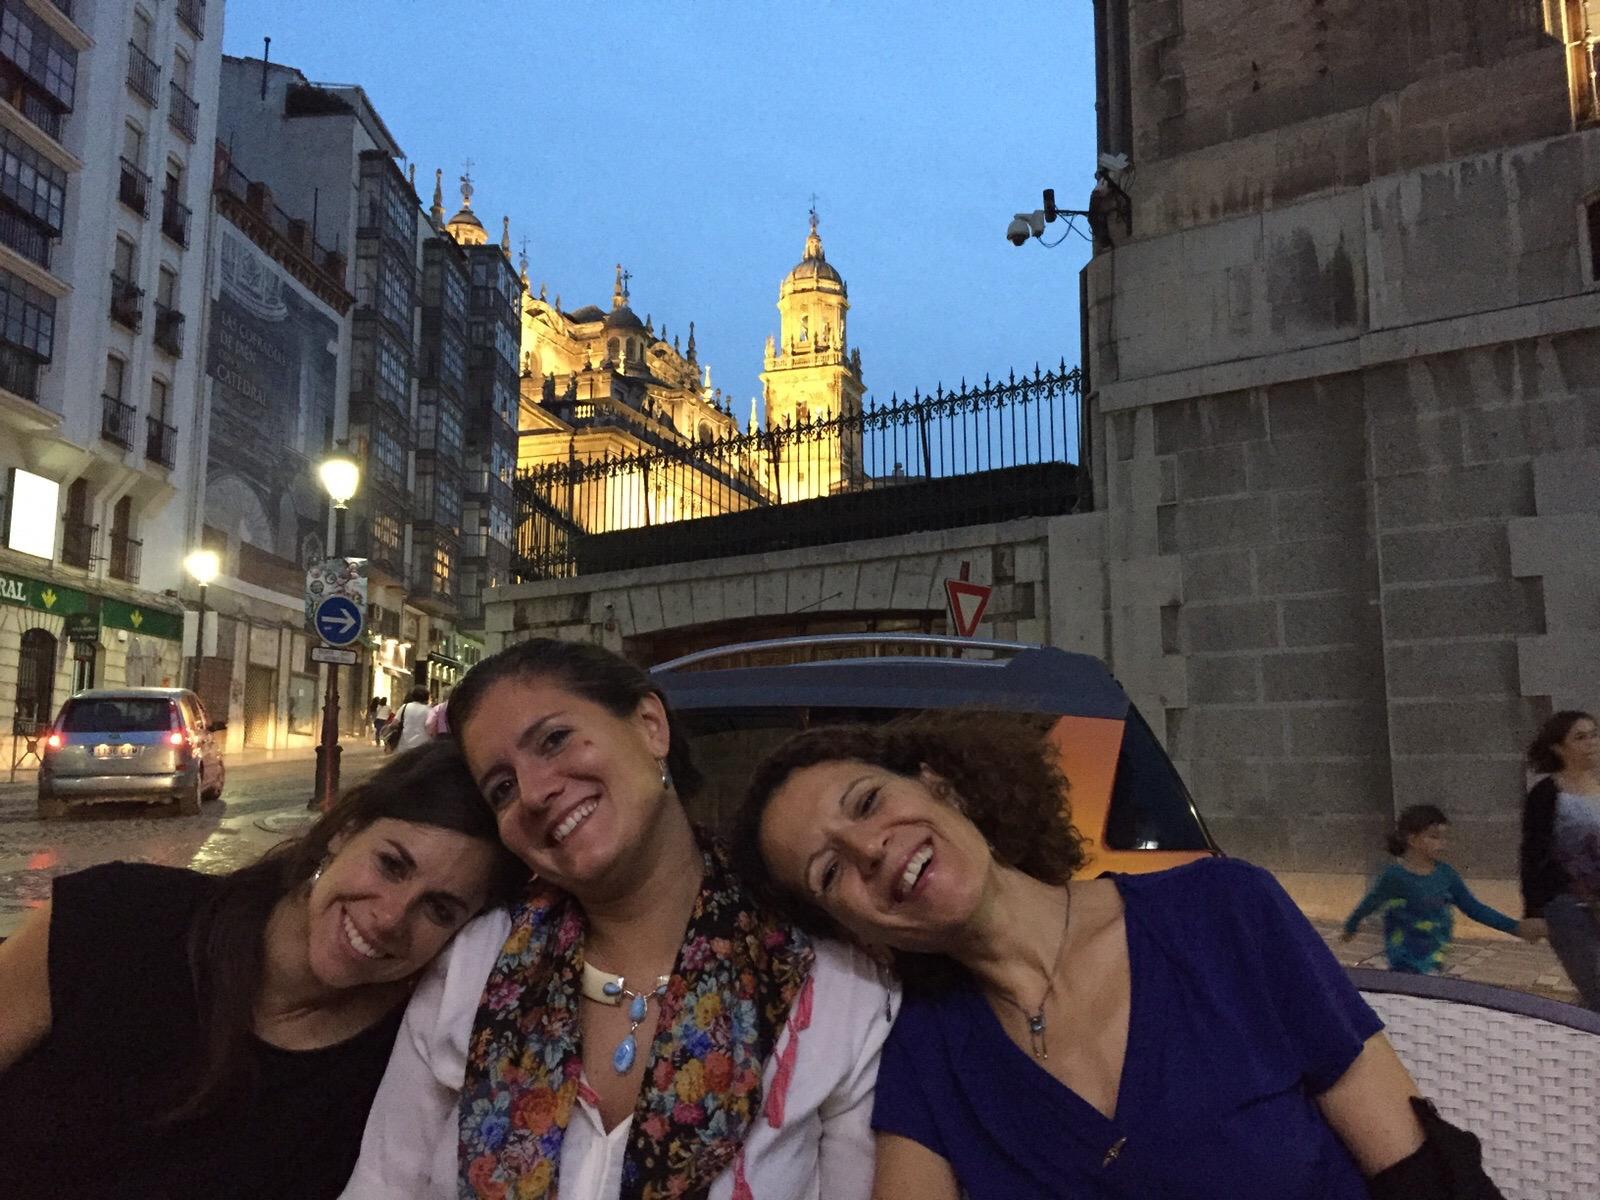 Duelo y psicología - Alba Payás, Vera Santos y Paula Sánchez Piazuelo